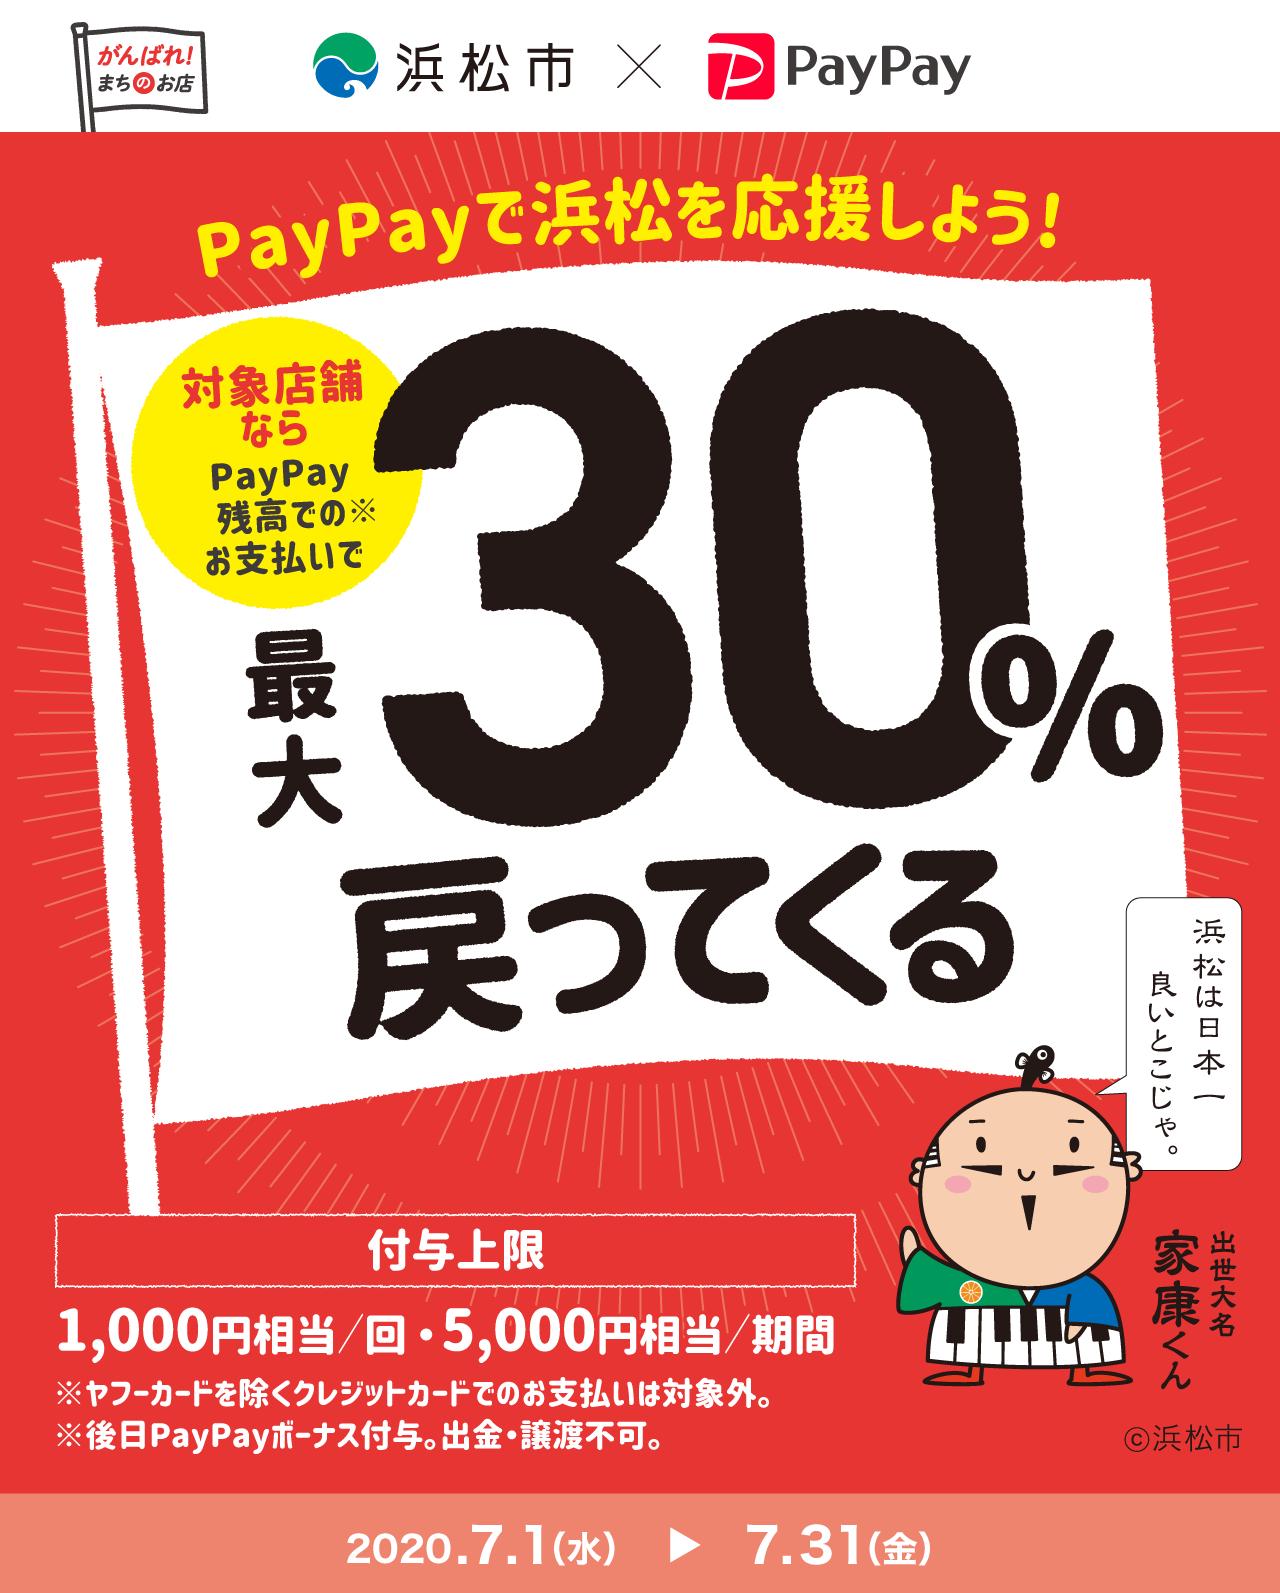 【7/31までPayPayがお得!】がんばれ浜松!対象のお店で最大30%戻ってくるキャンペーン